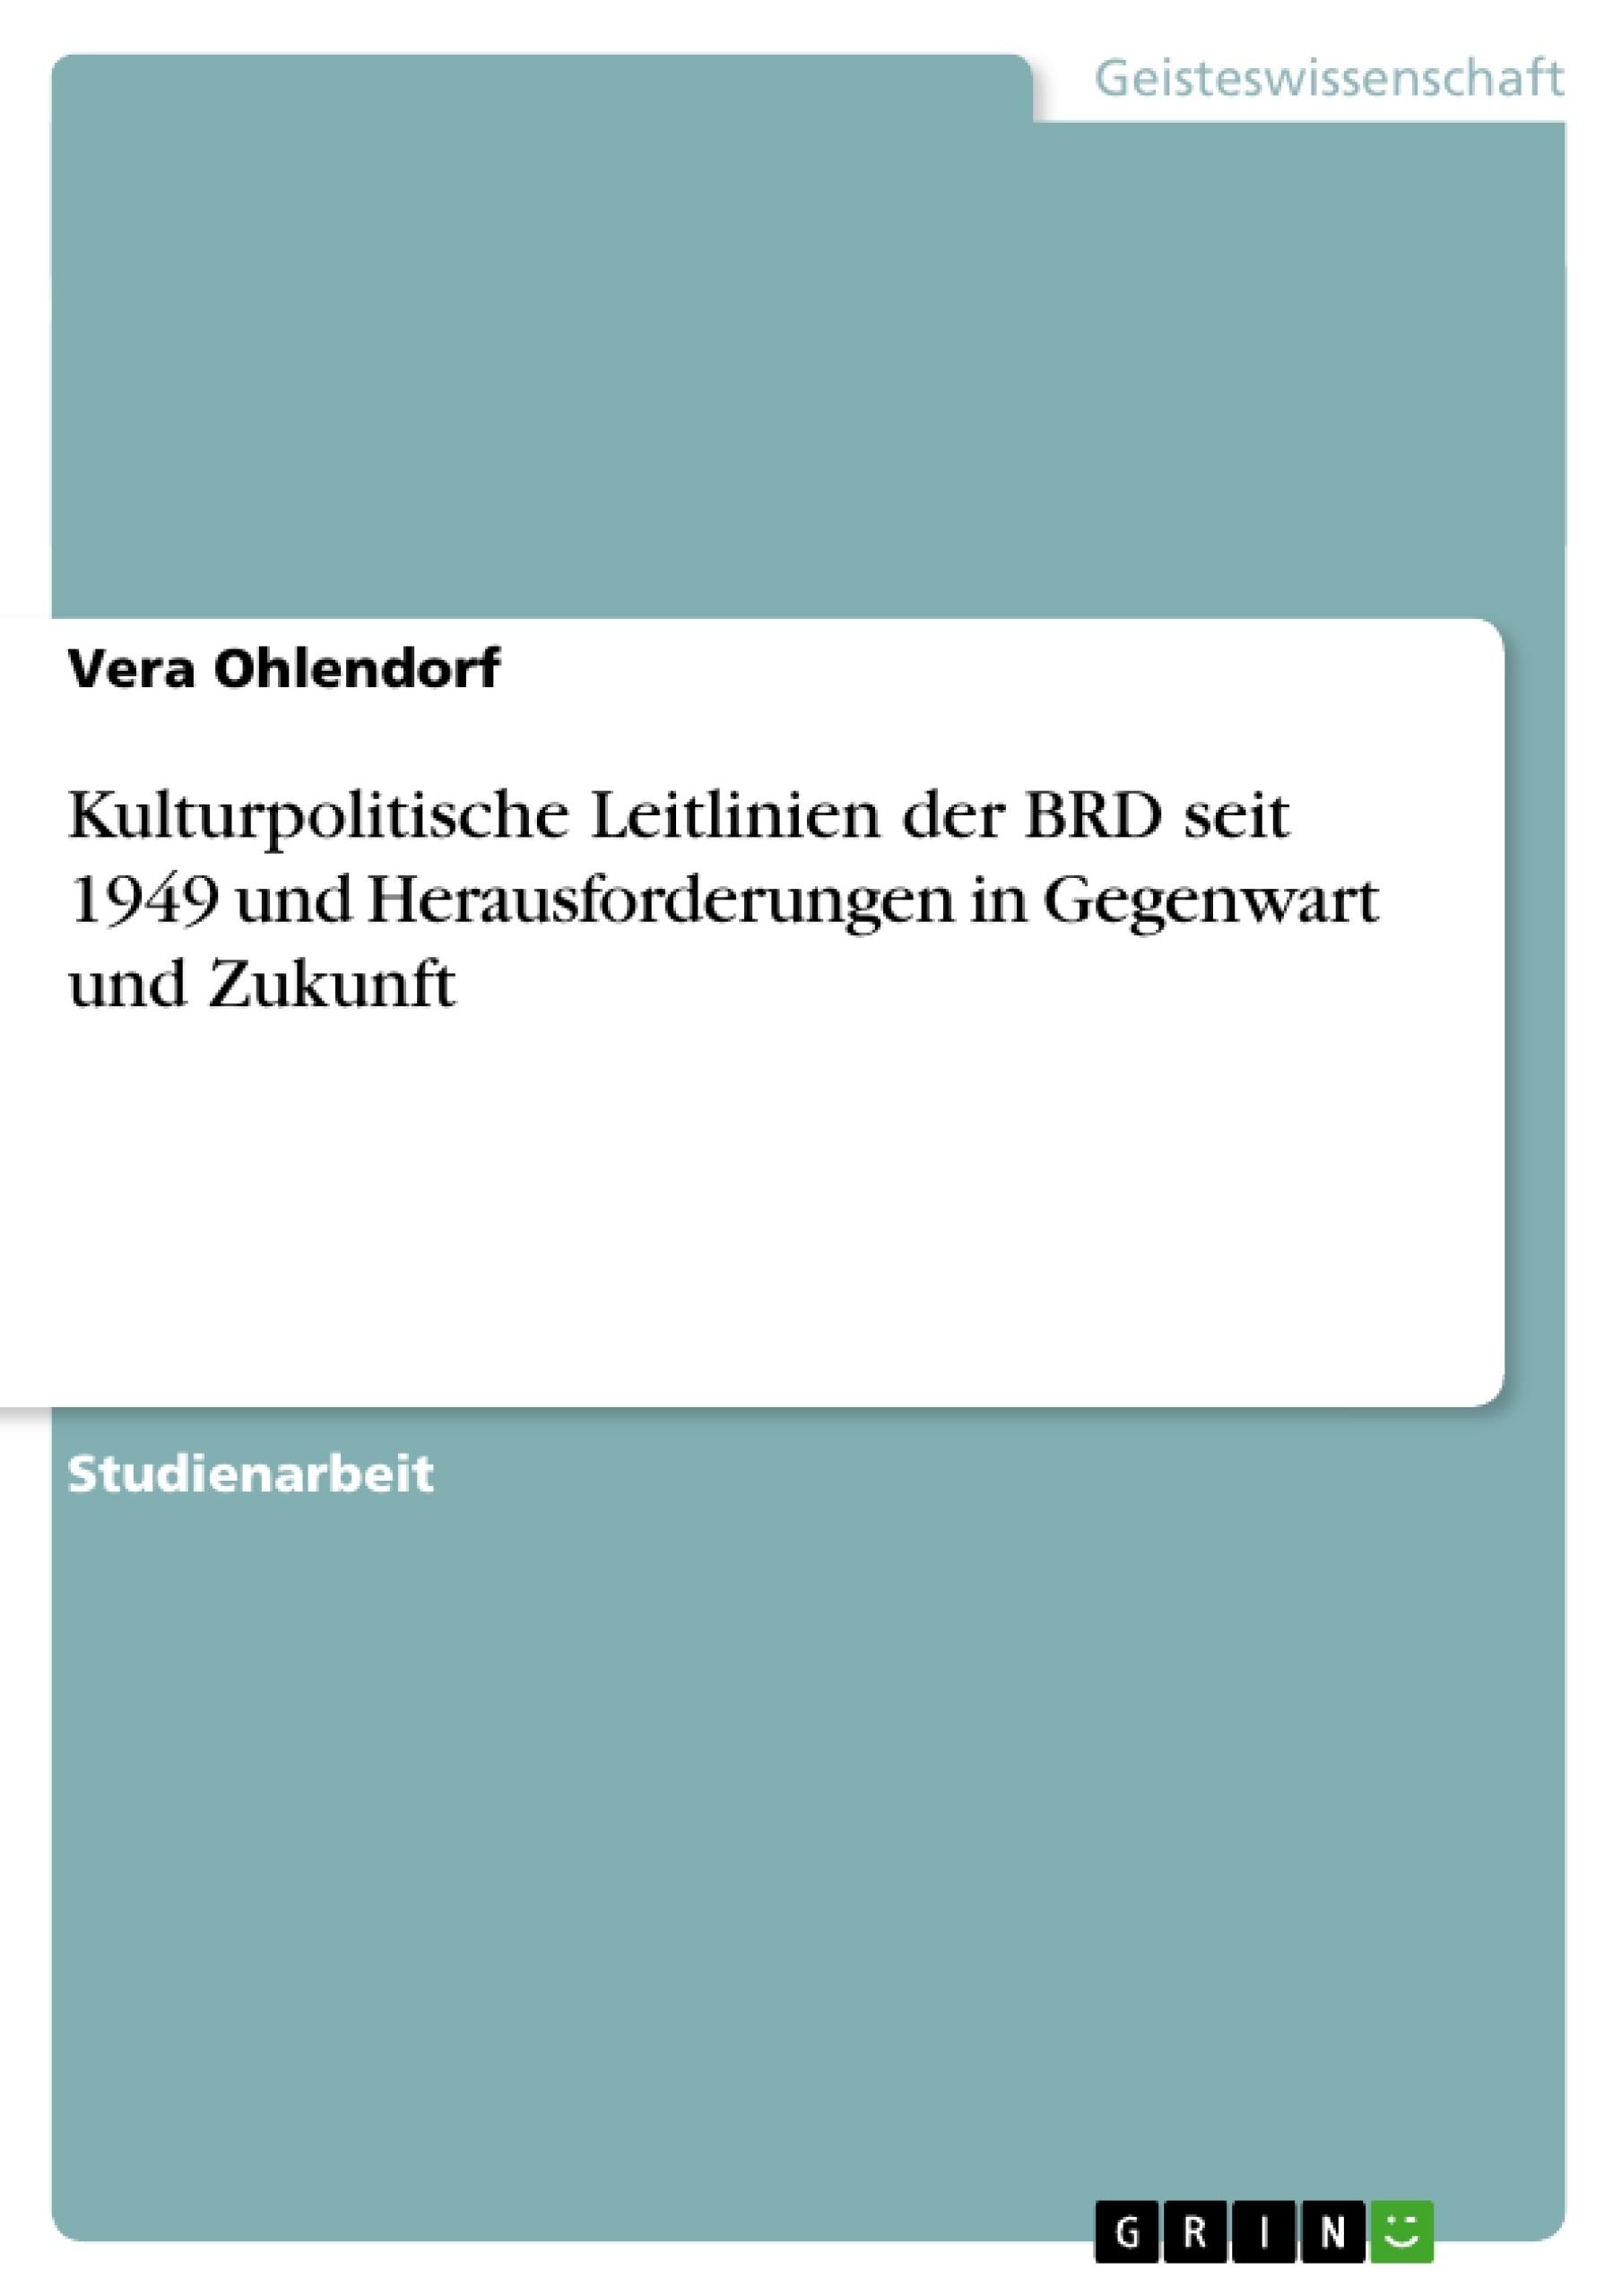 Titel: Kulturpolitische Leitlinien der BRD seit 1949 und Herausforderungen in Gegenwart und Zukunft